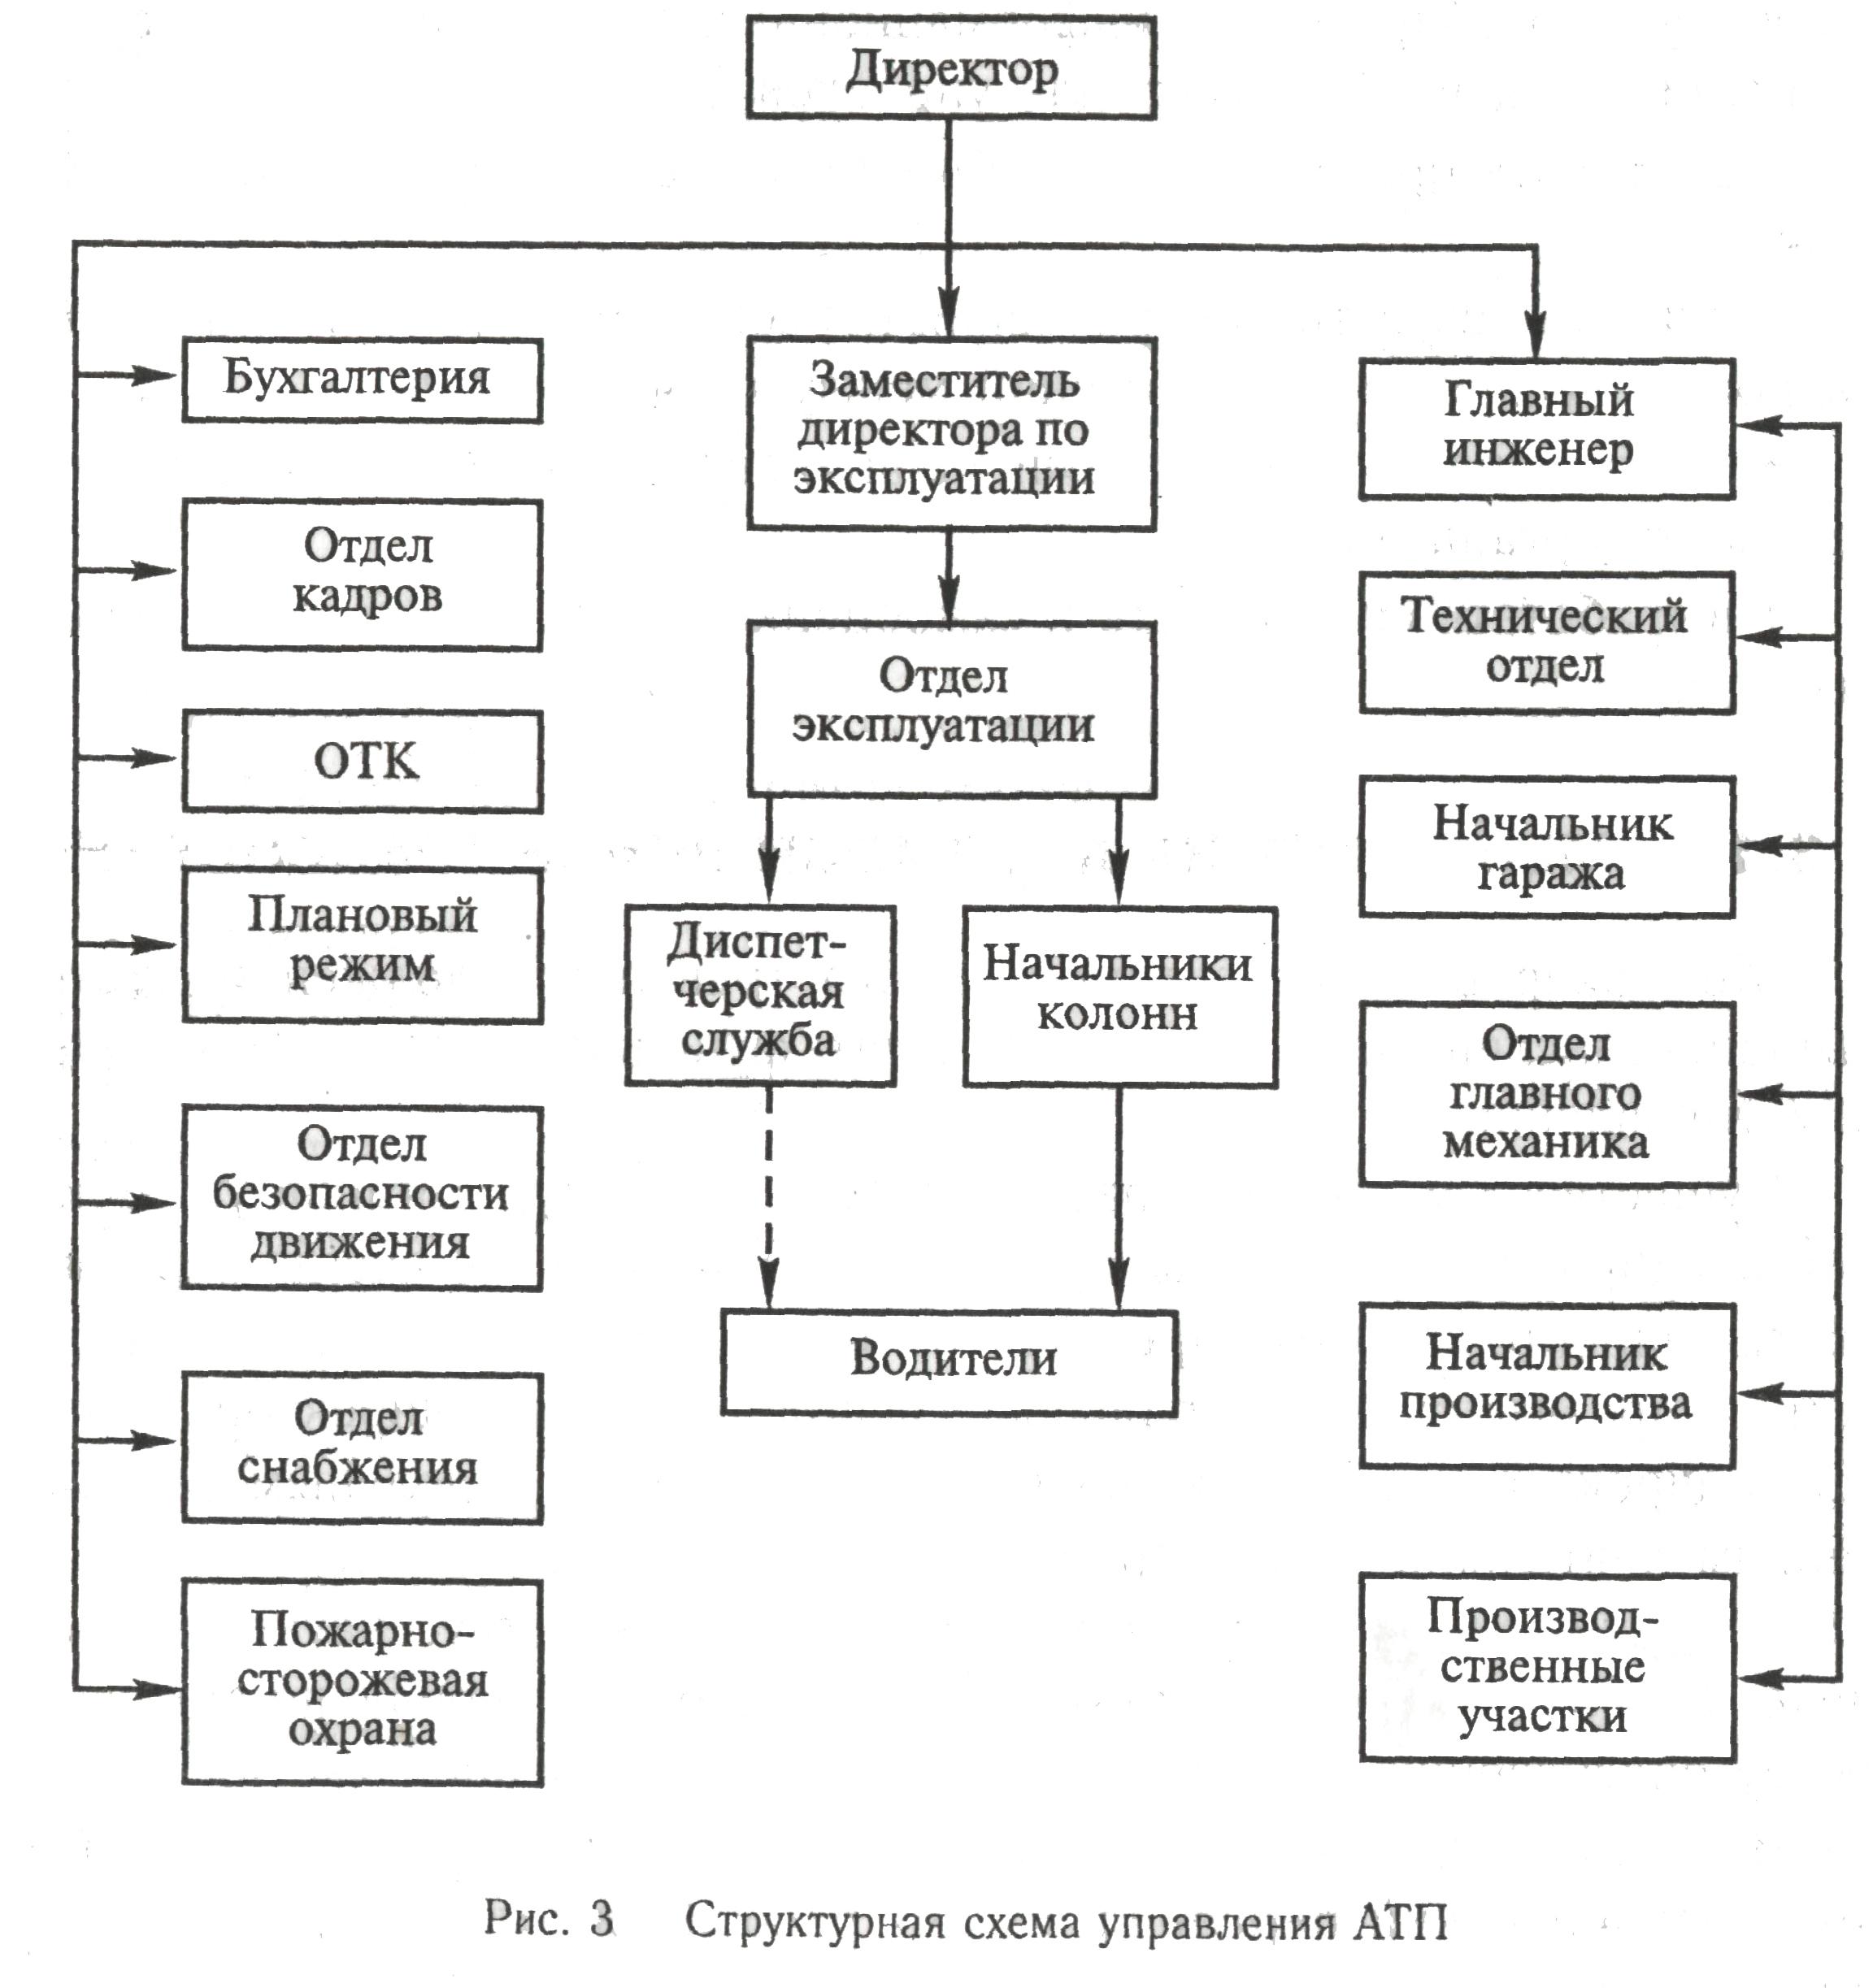 Схема управления на производстве